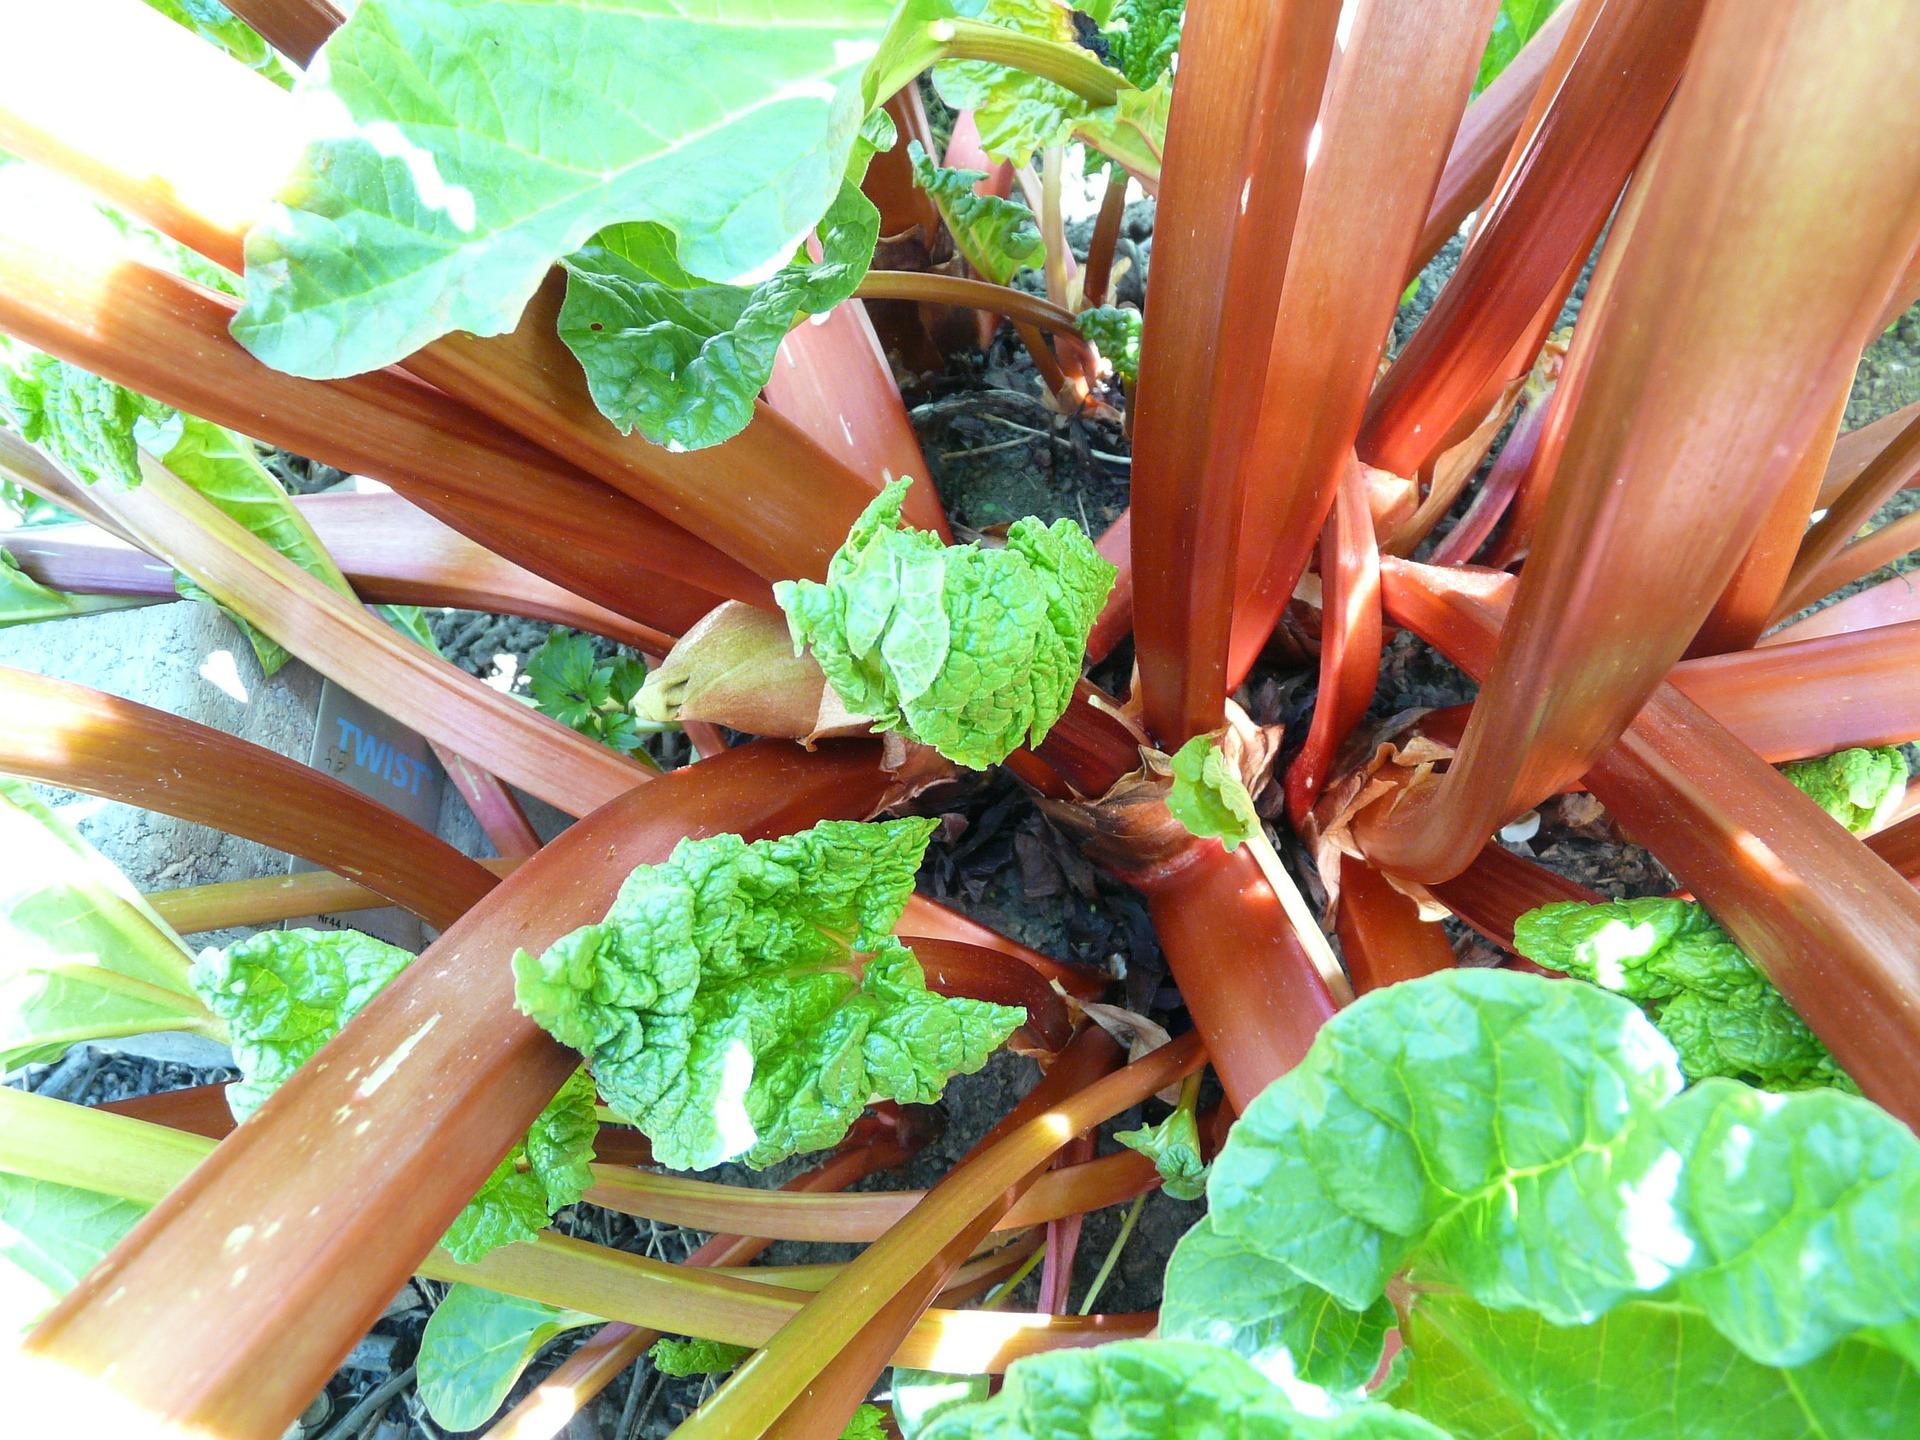 rhubarb-54084_1920.jpg